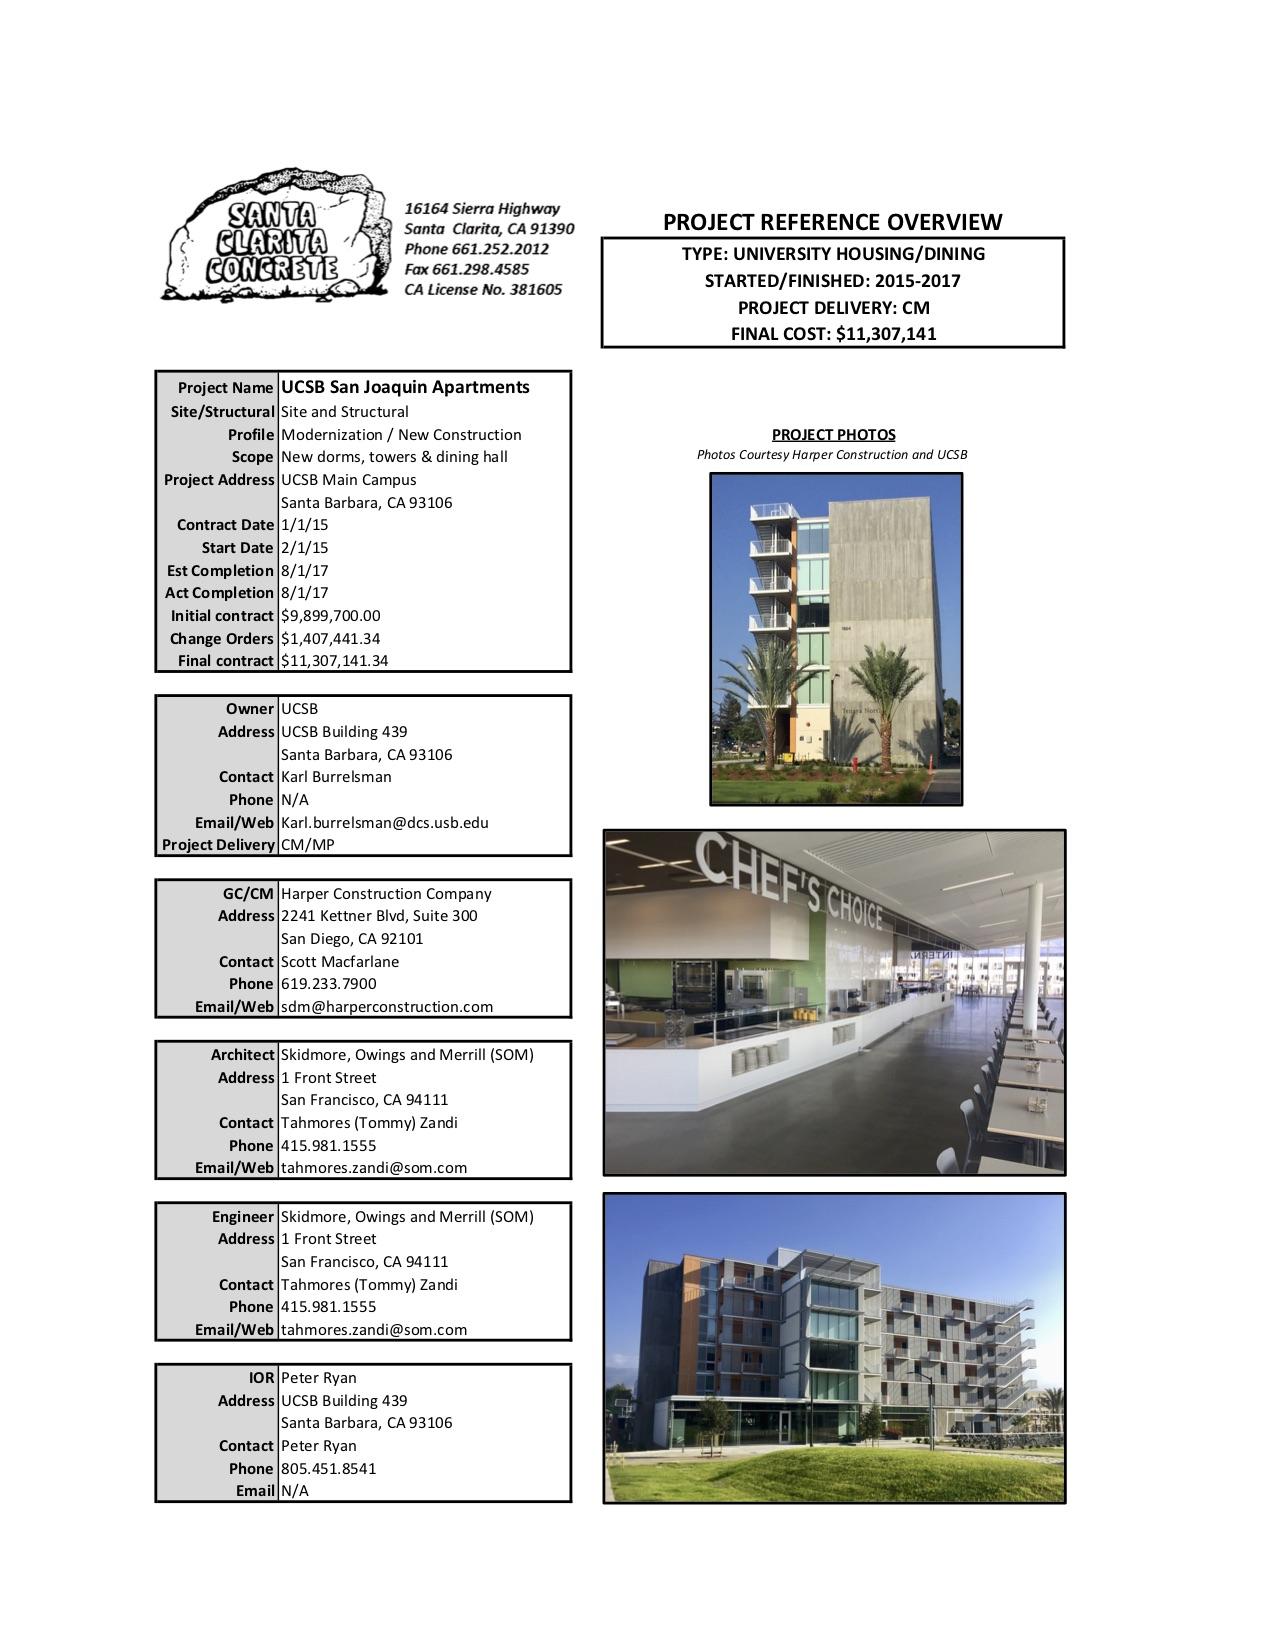 UCSB San Joaquin Apartments